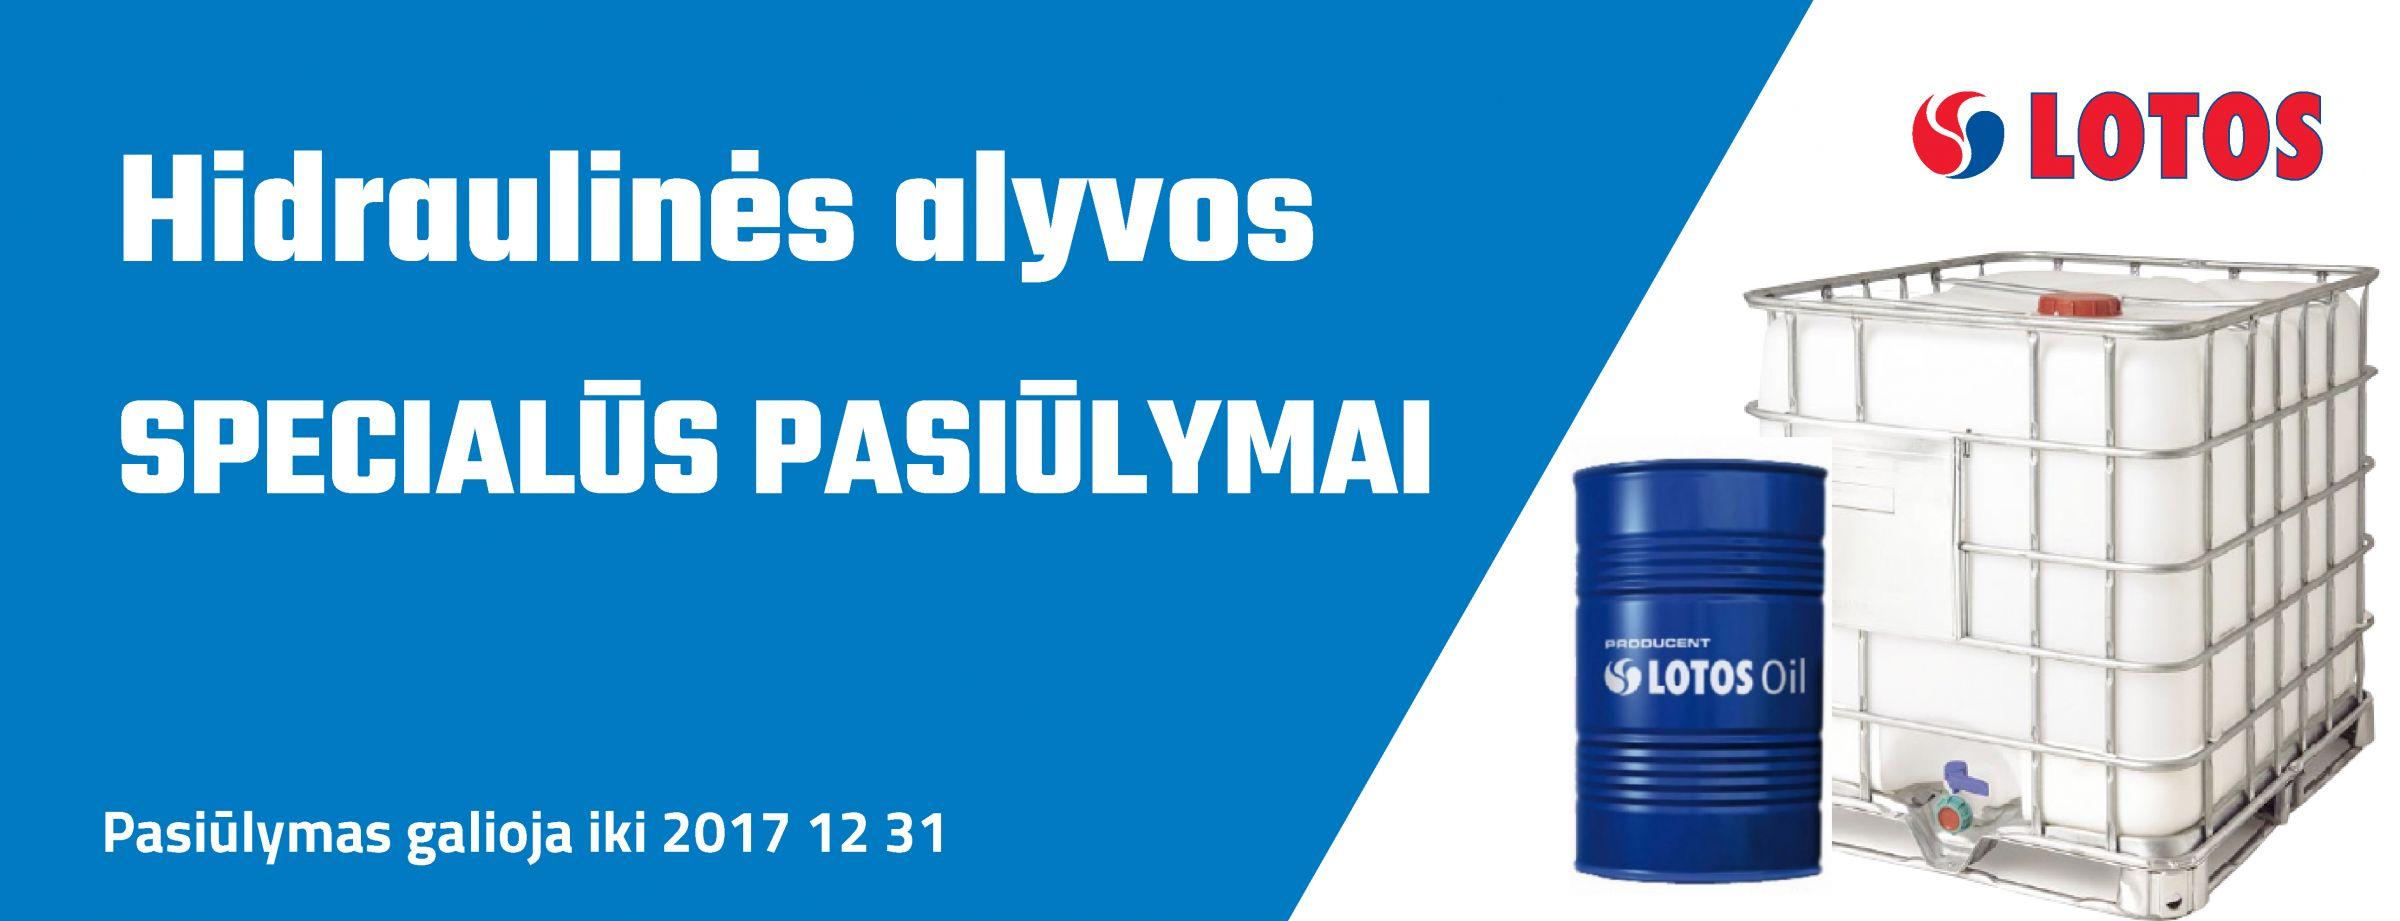 LOTOS hidraulinė alyva